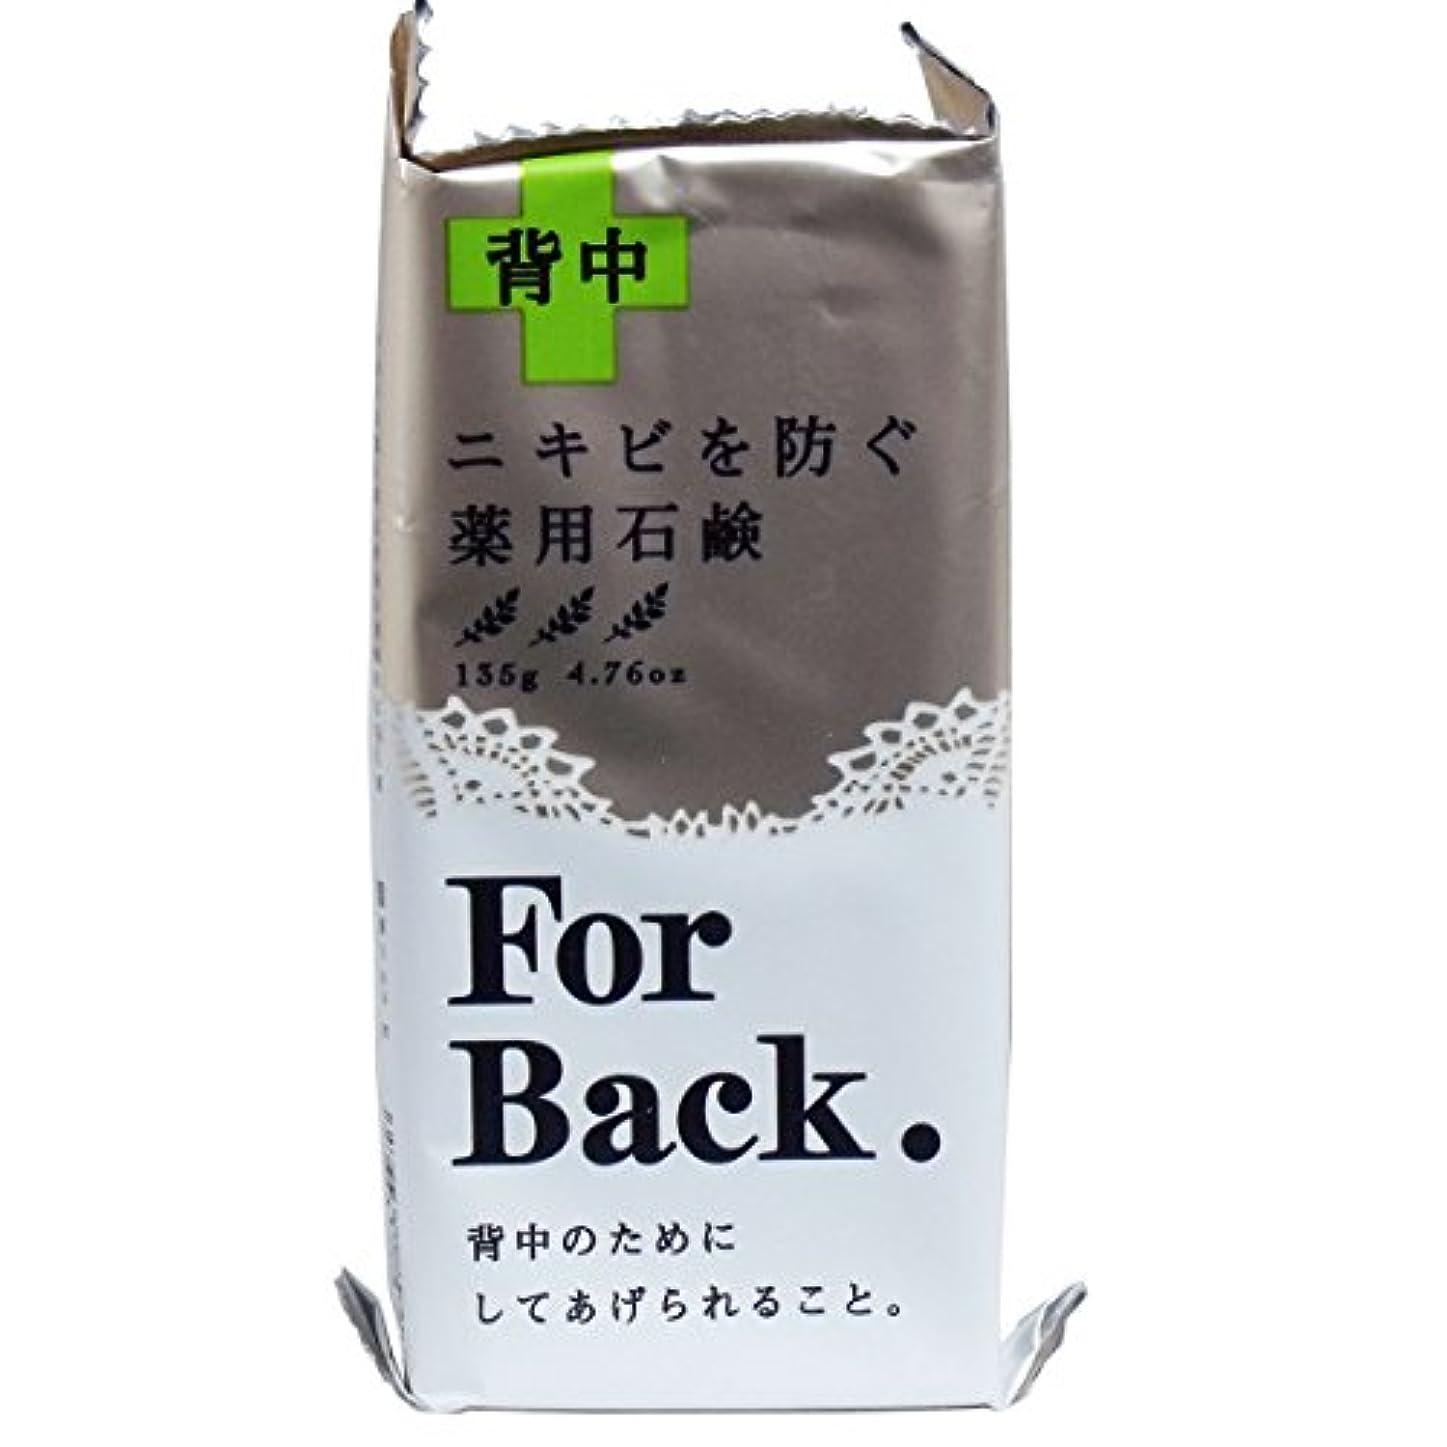 ずらす防水警報薬用石鹸ForBack 135g × 7個